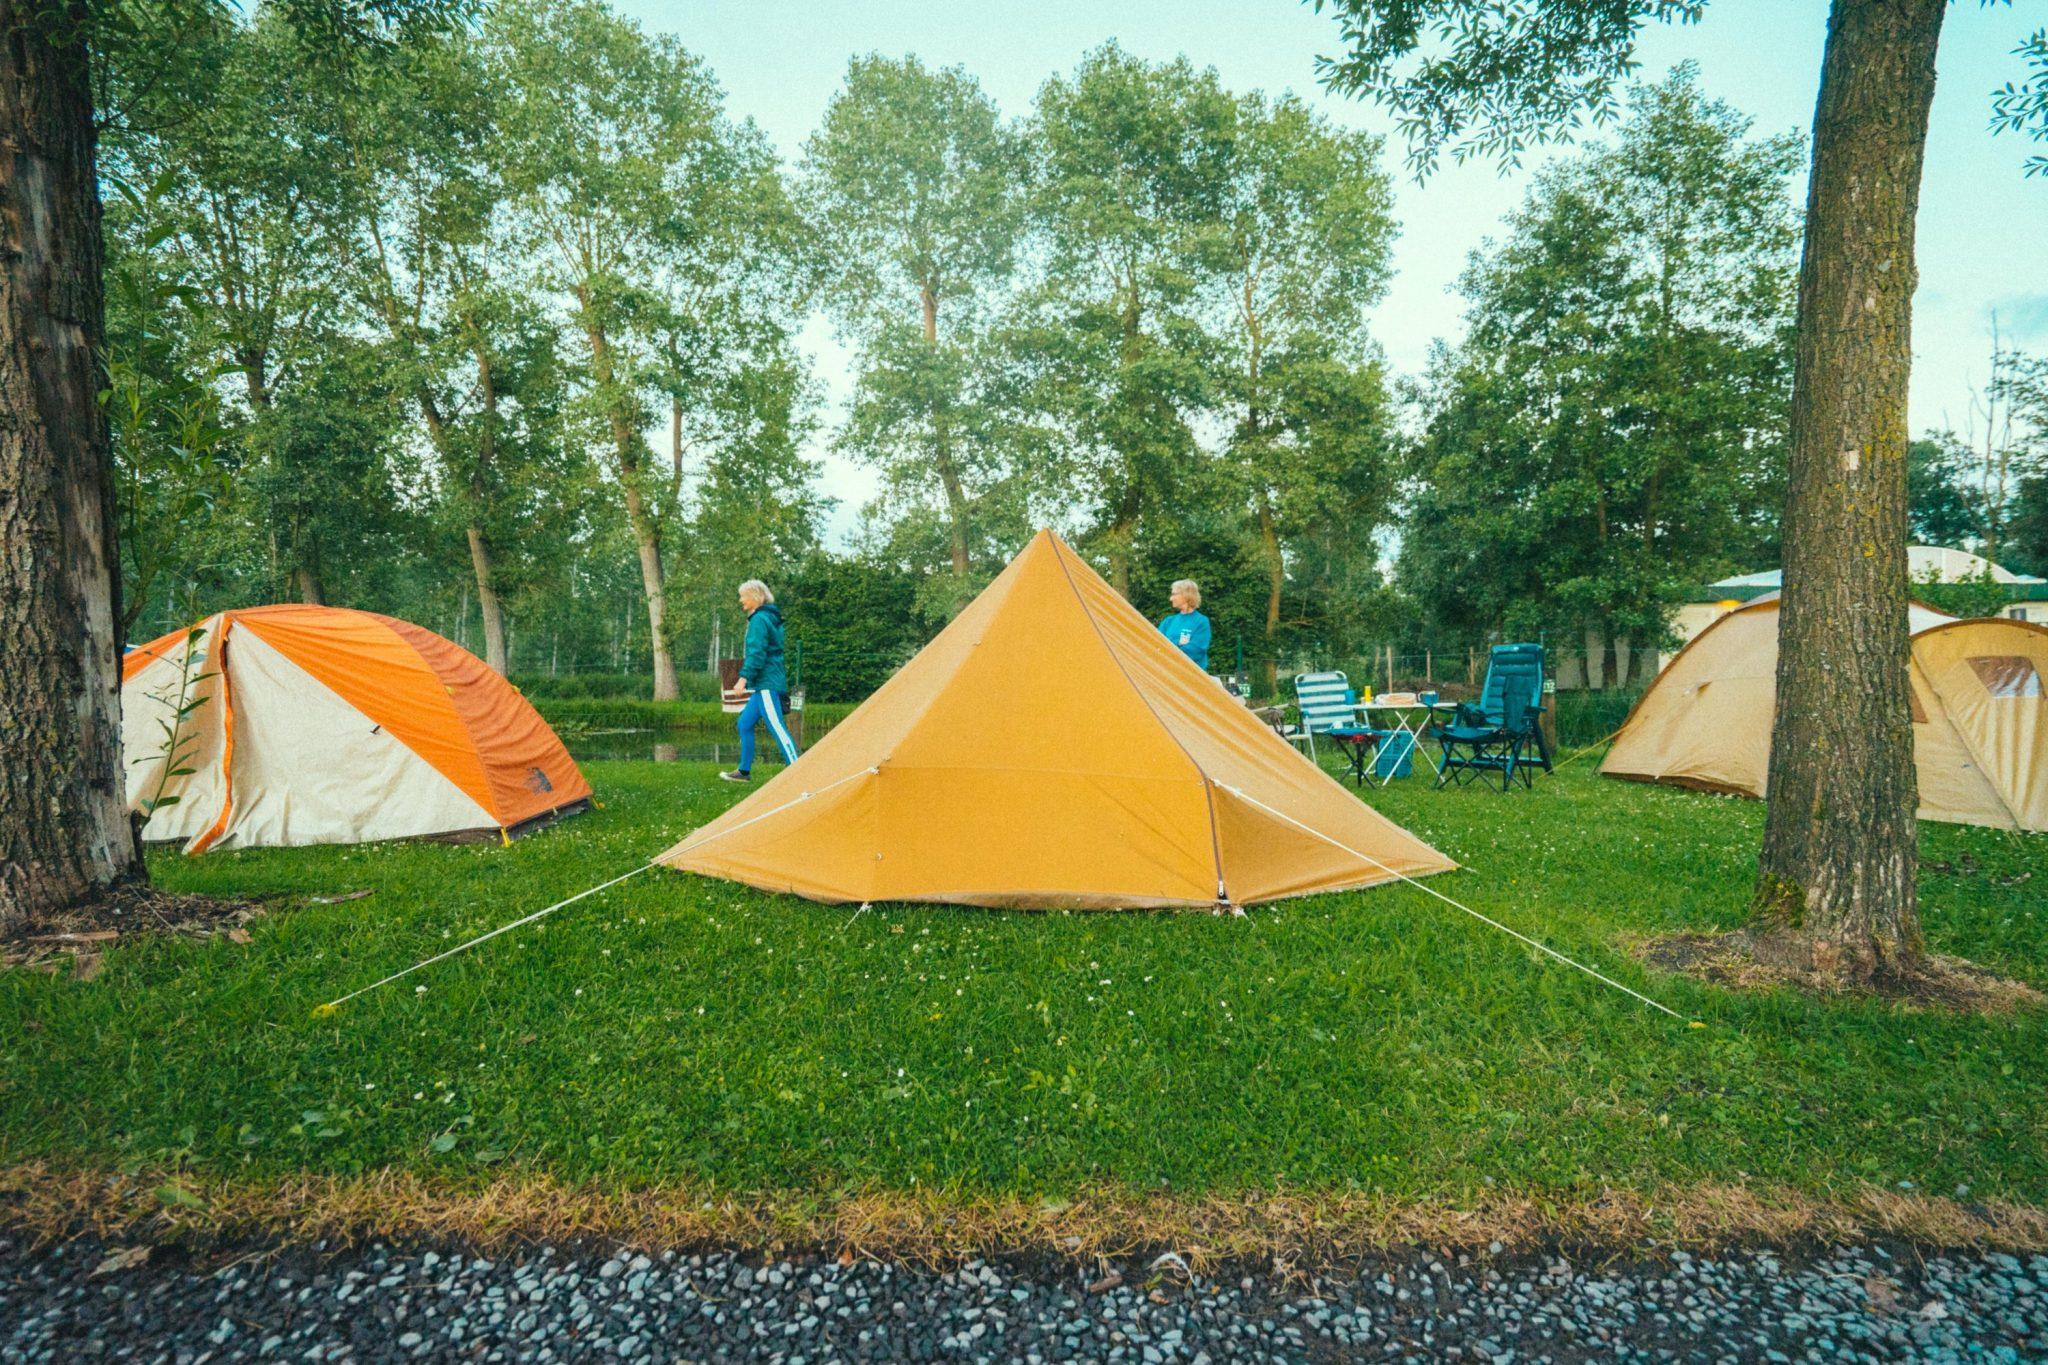 Camping Groeneveld - Kamperen met tent tussen Gent en Deinze